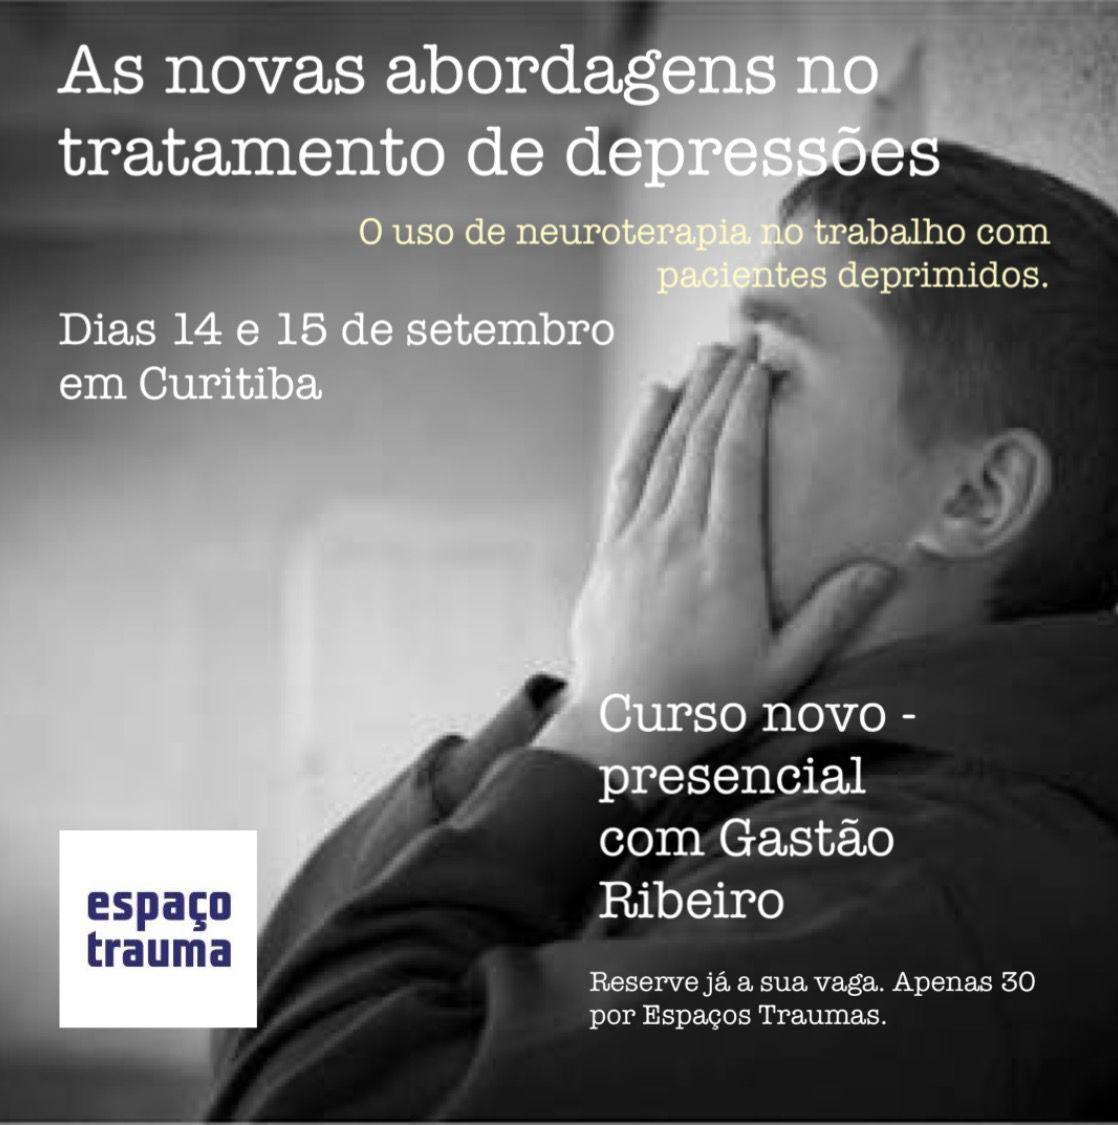 As Novas Abordagens no Tratamento de Depressões em Curitiba